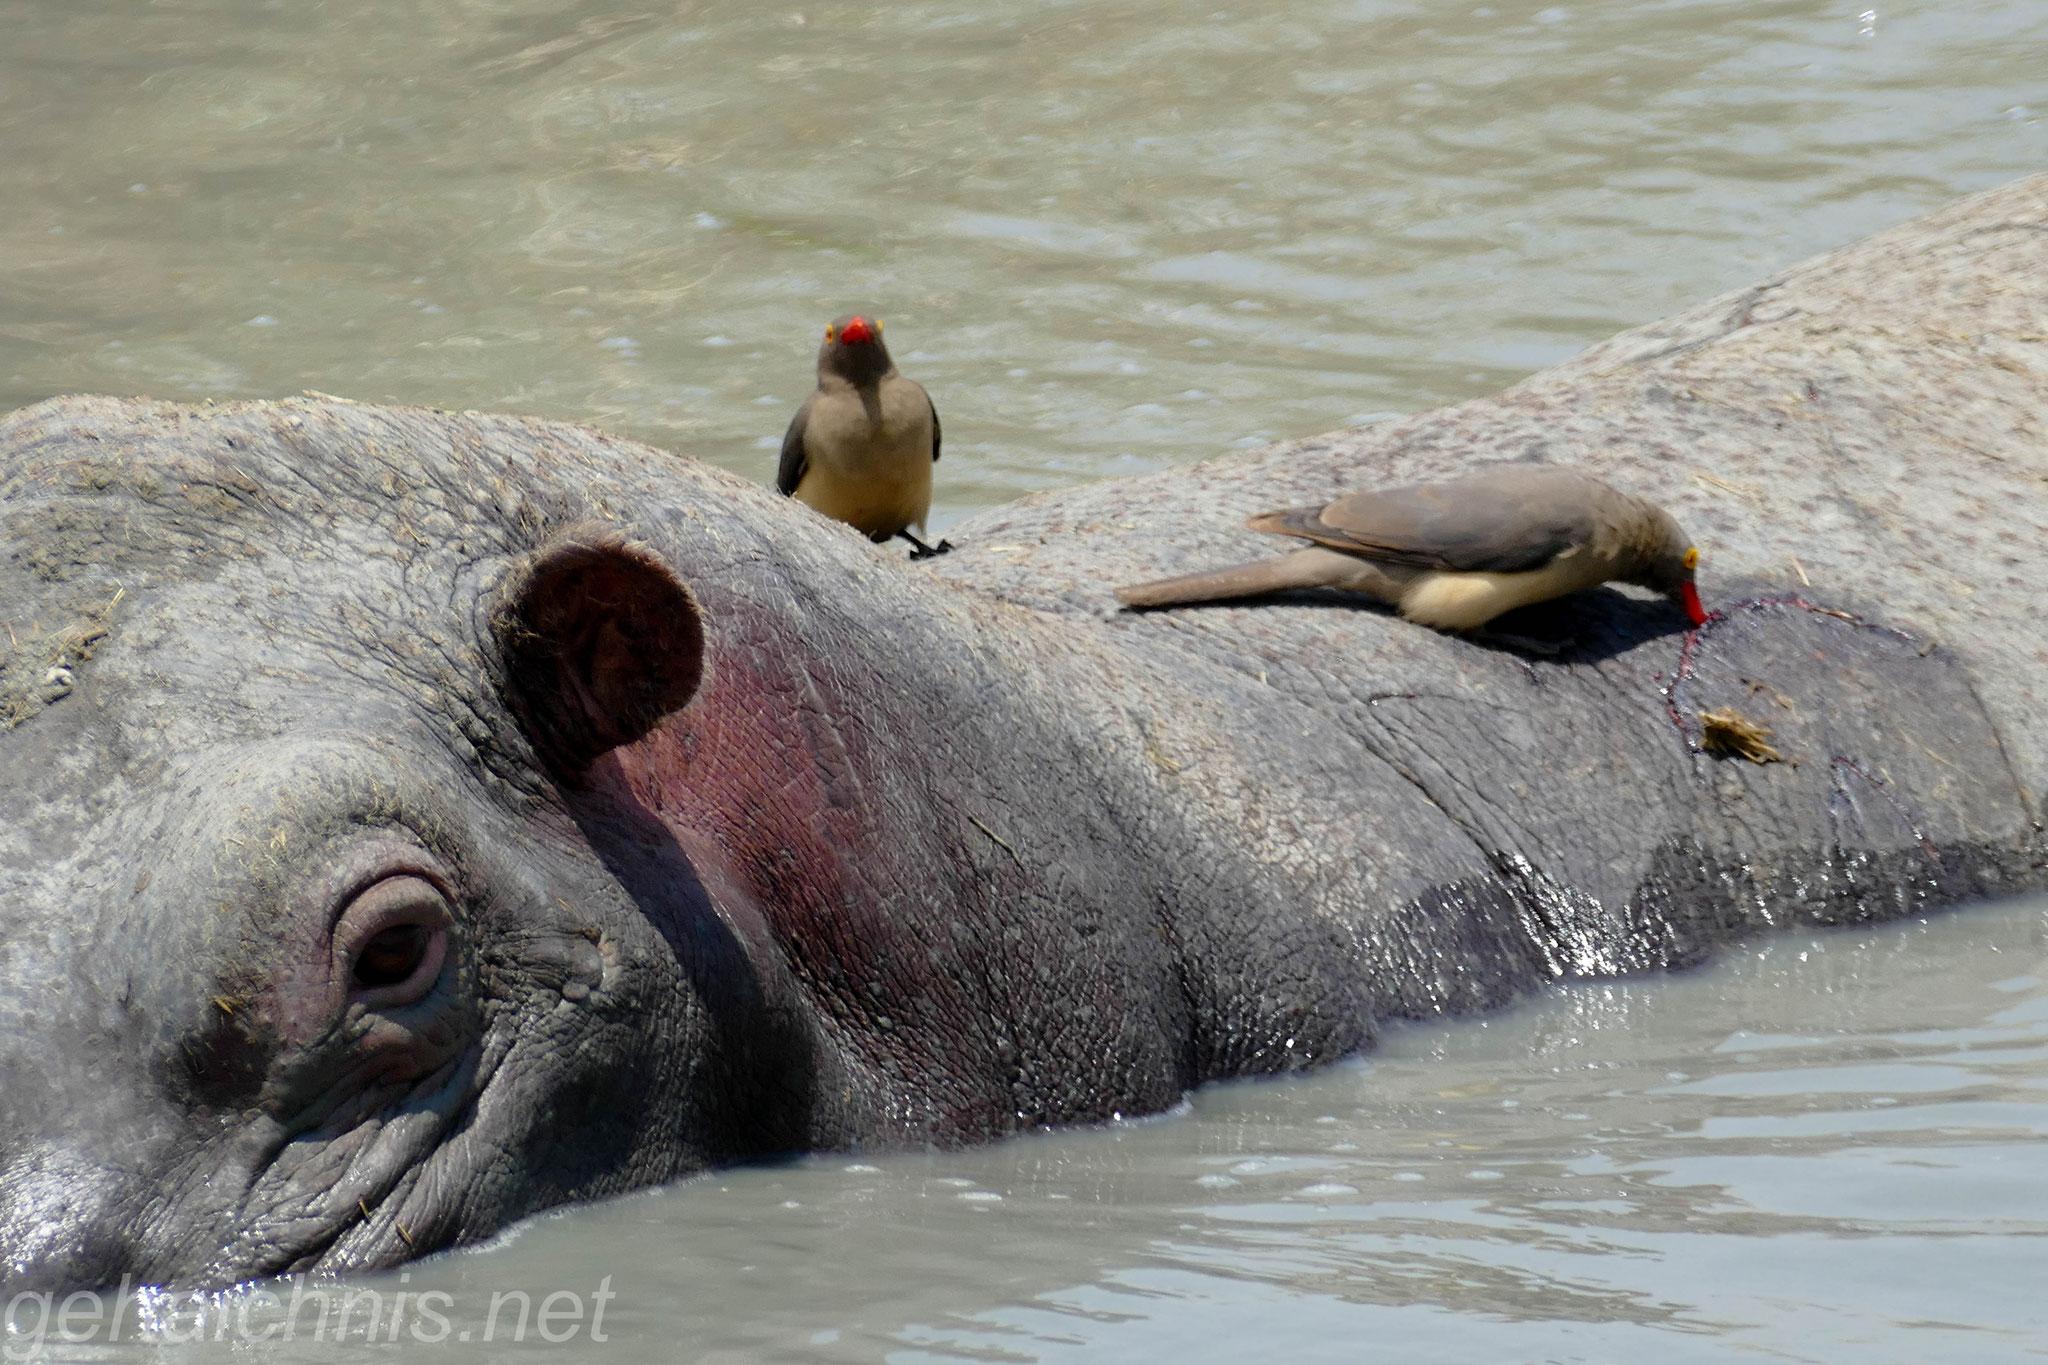 Madenhacker genießen den Schutz des Hippos, welches auch gleichzeitig Nahrung bietet